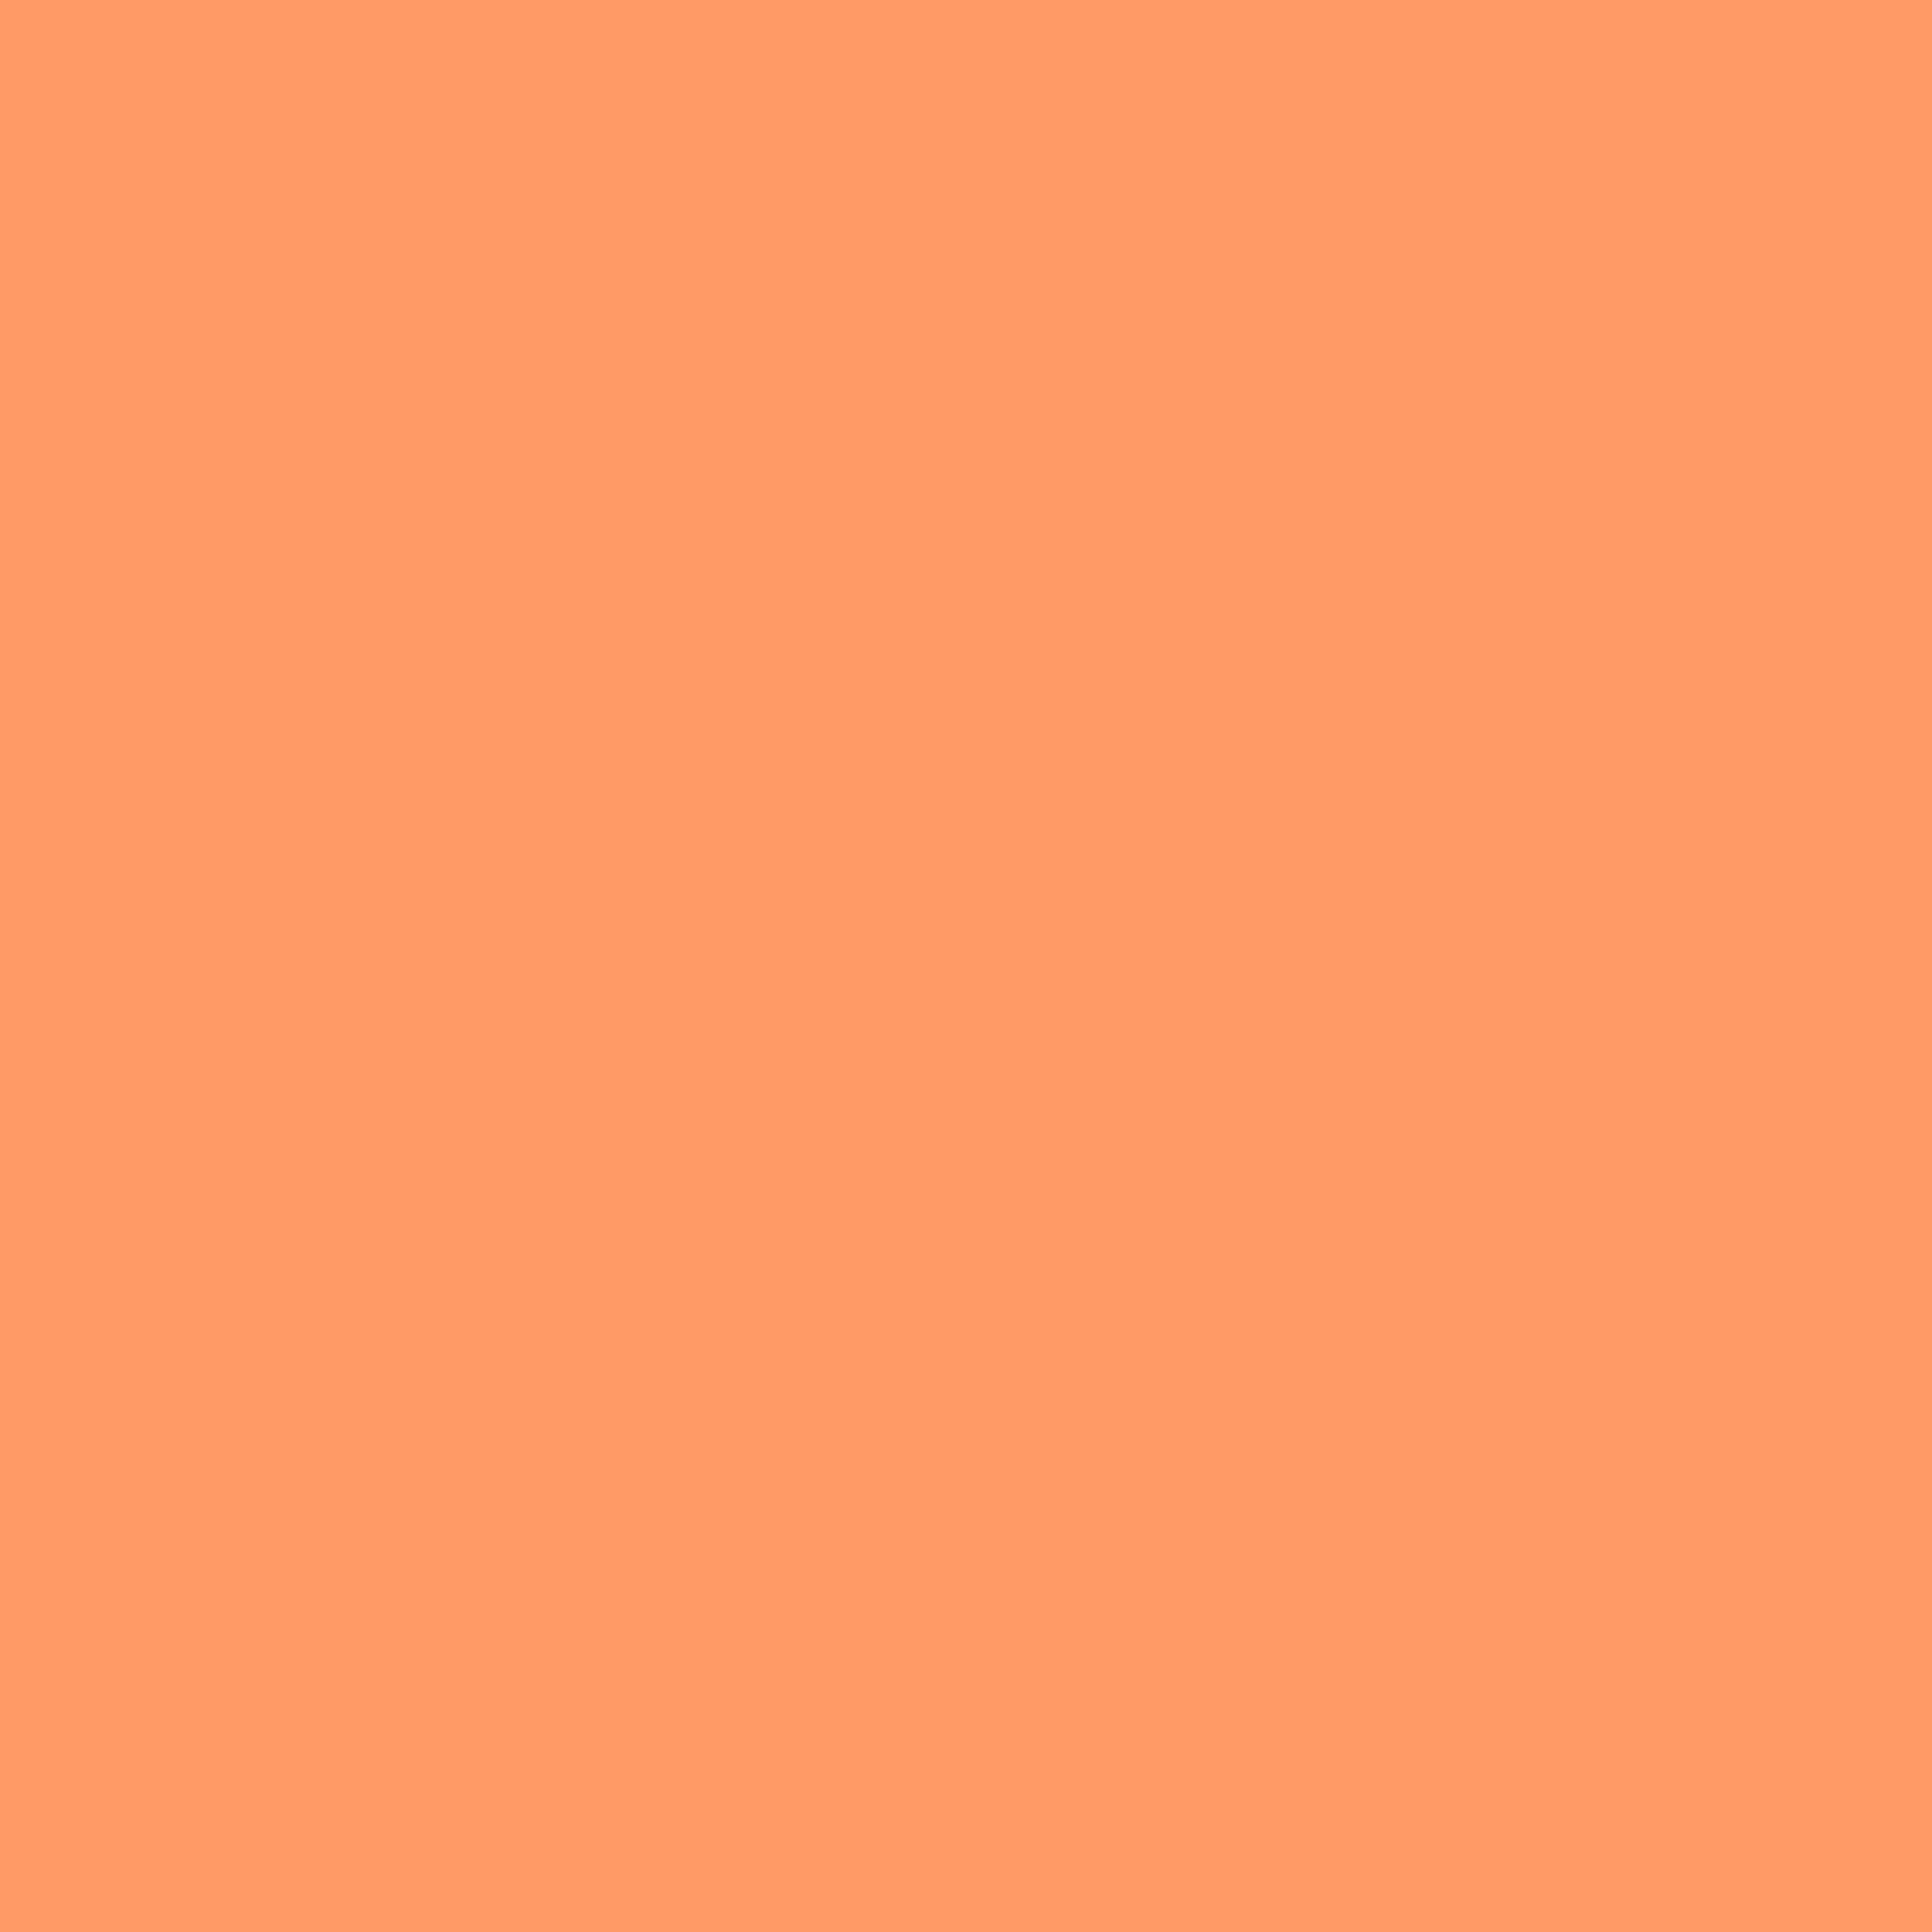 3600x3600 Pink-orange Solid Color Background